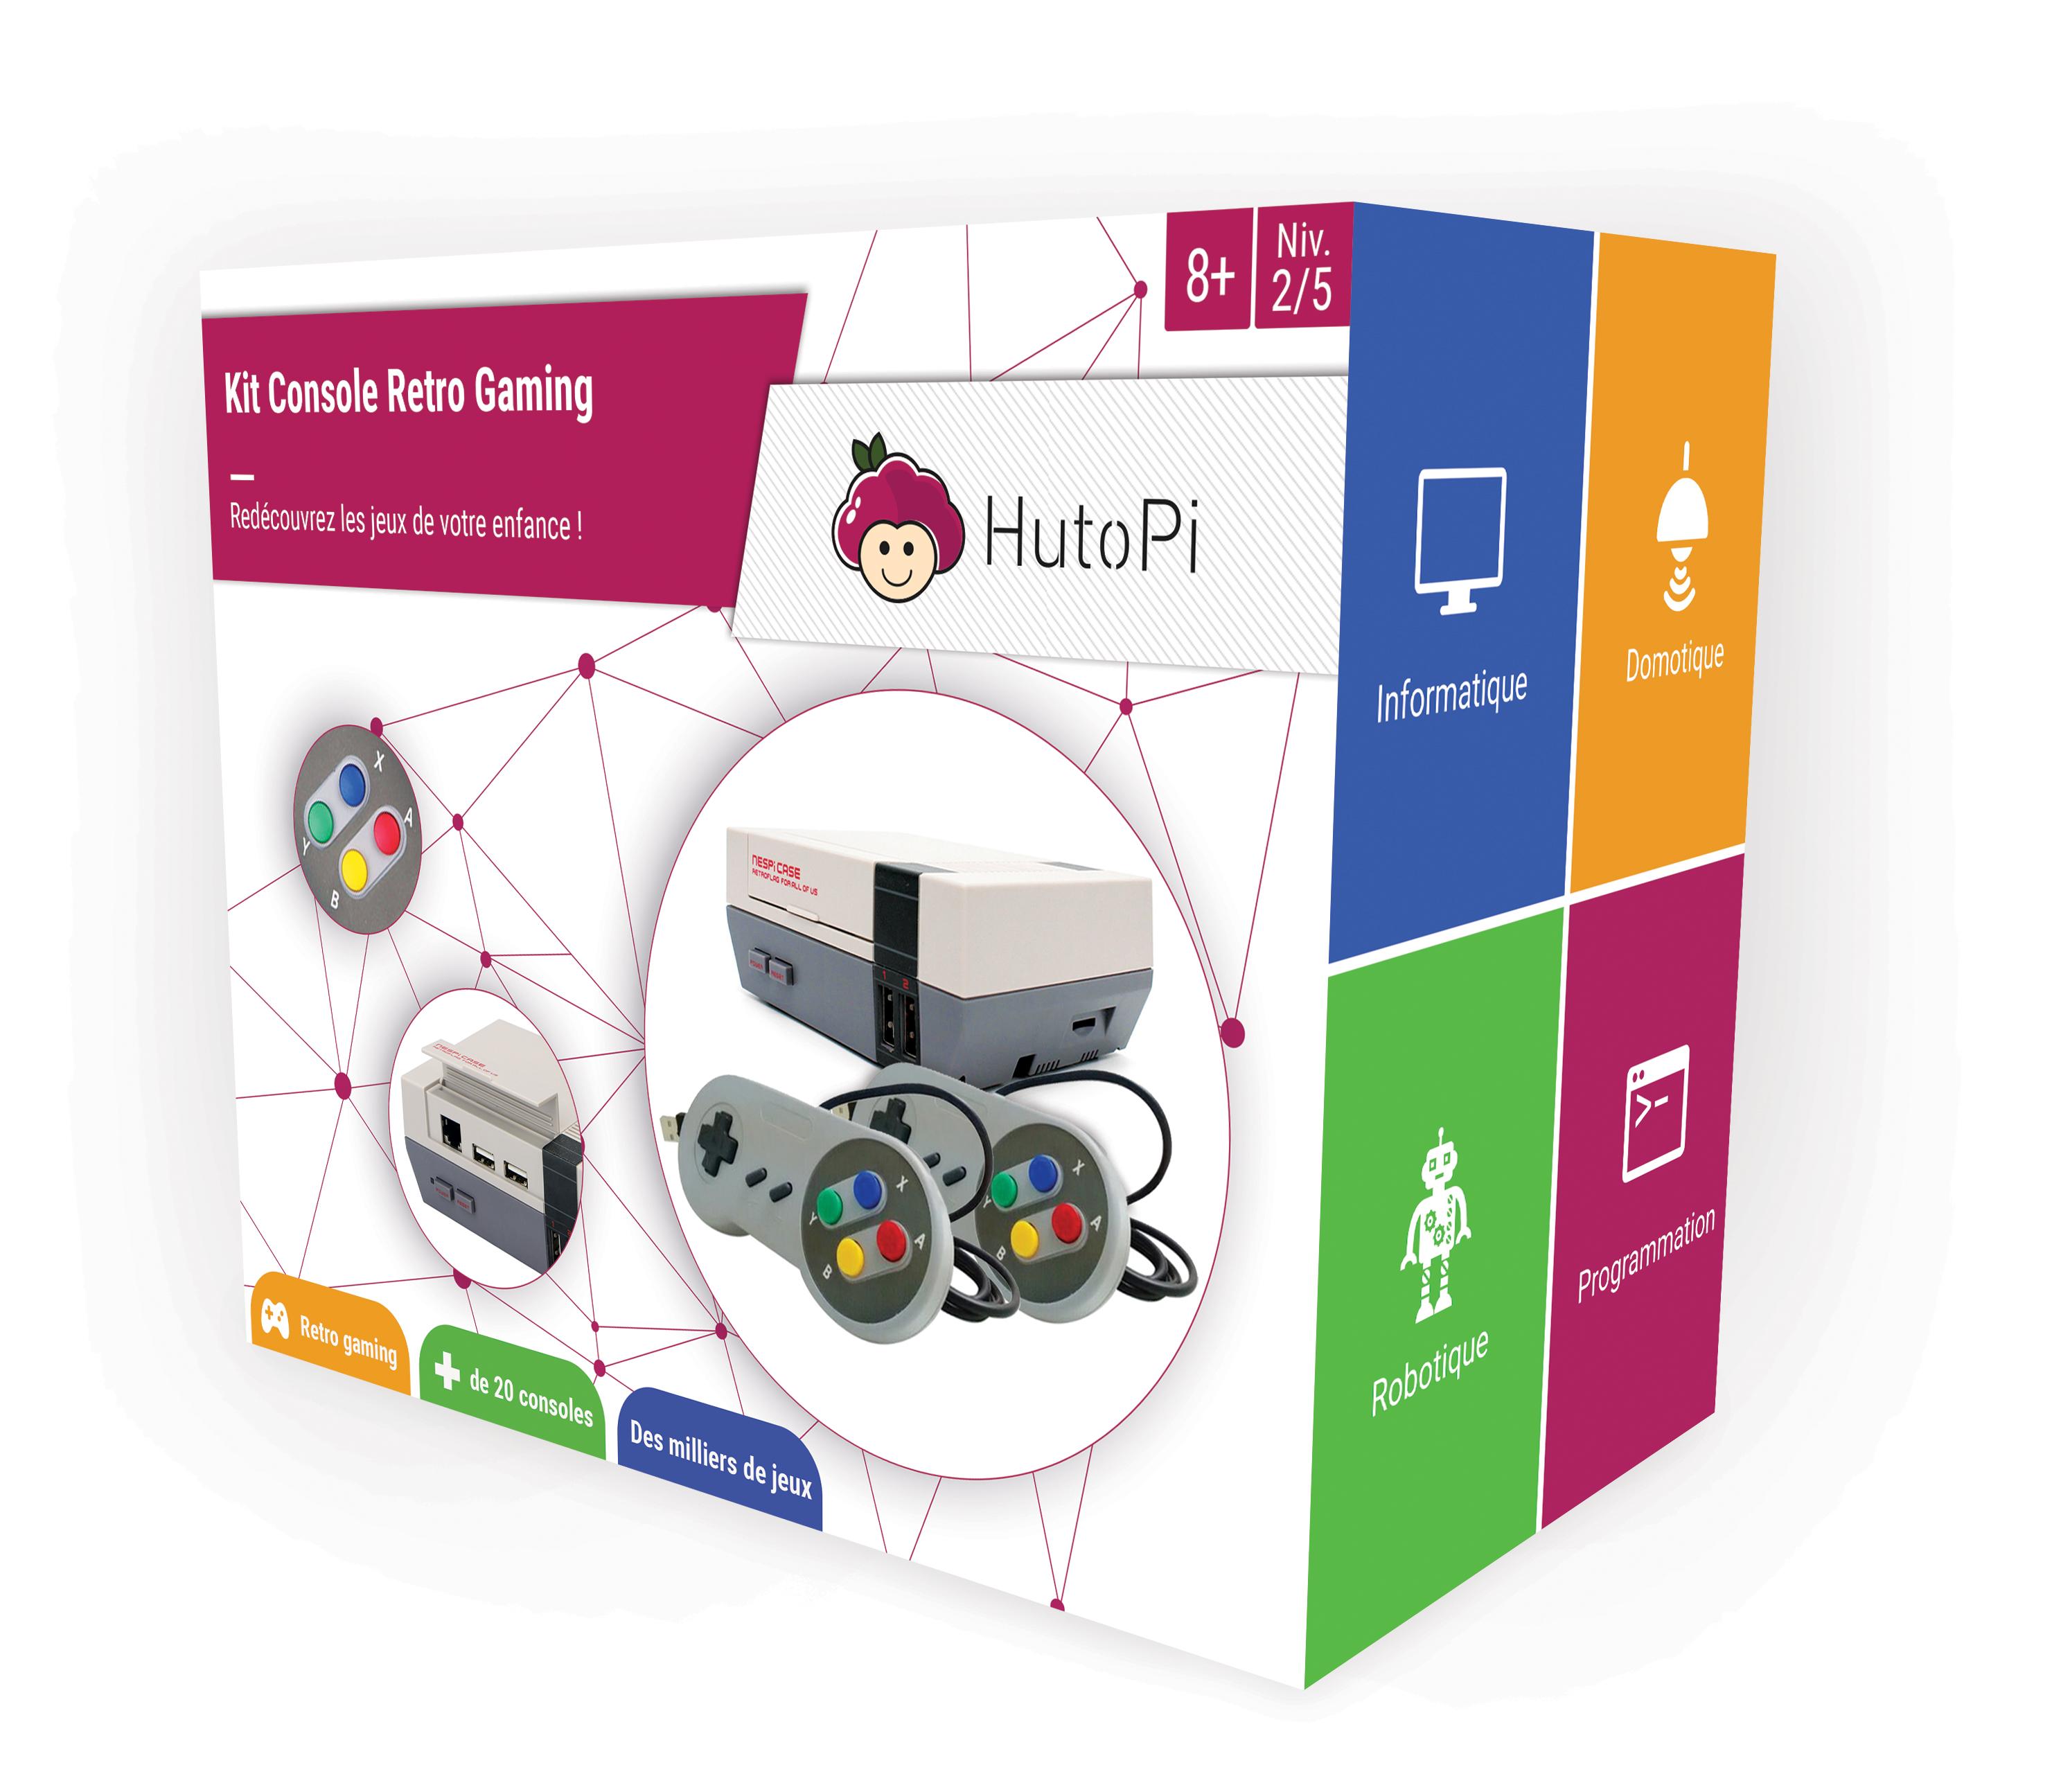 Idée cadeau : HutoPi, le kit de jeux rétro très à la mode